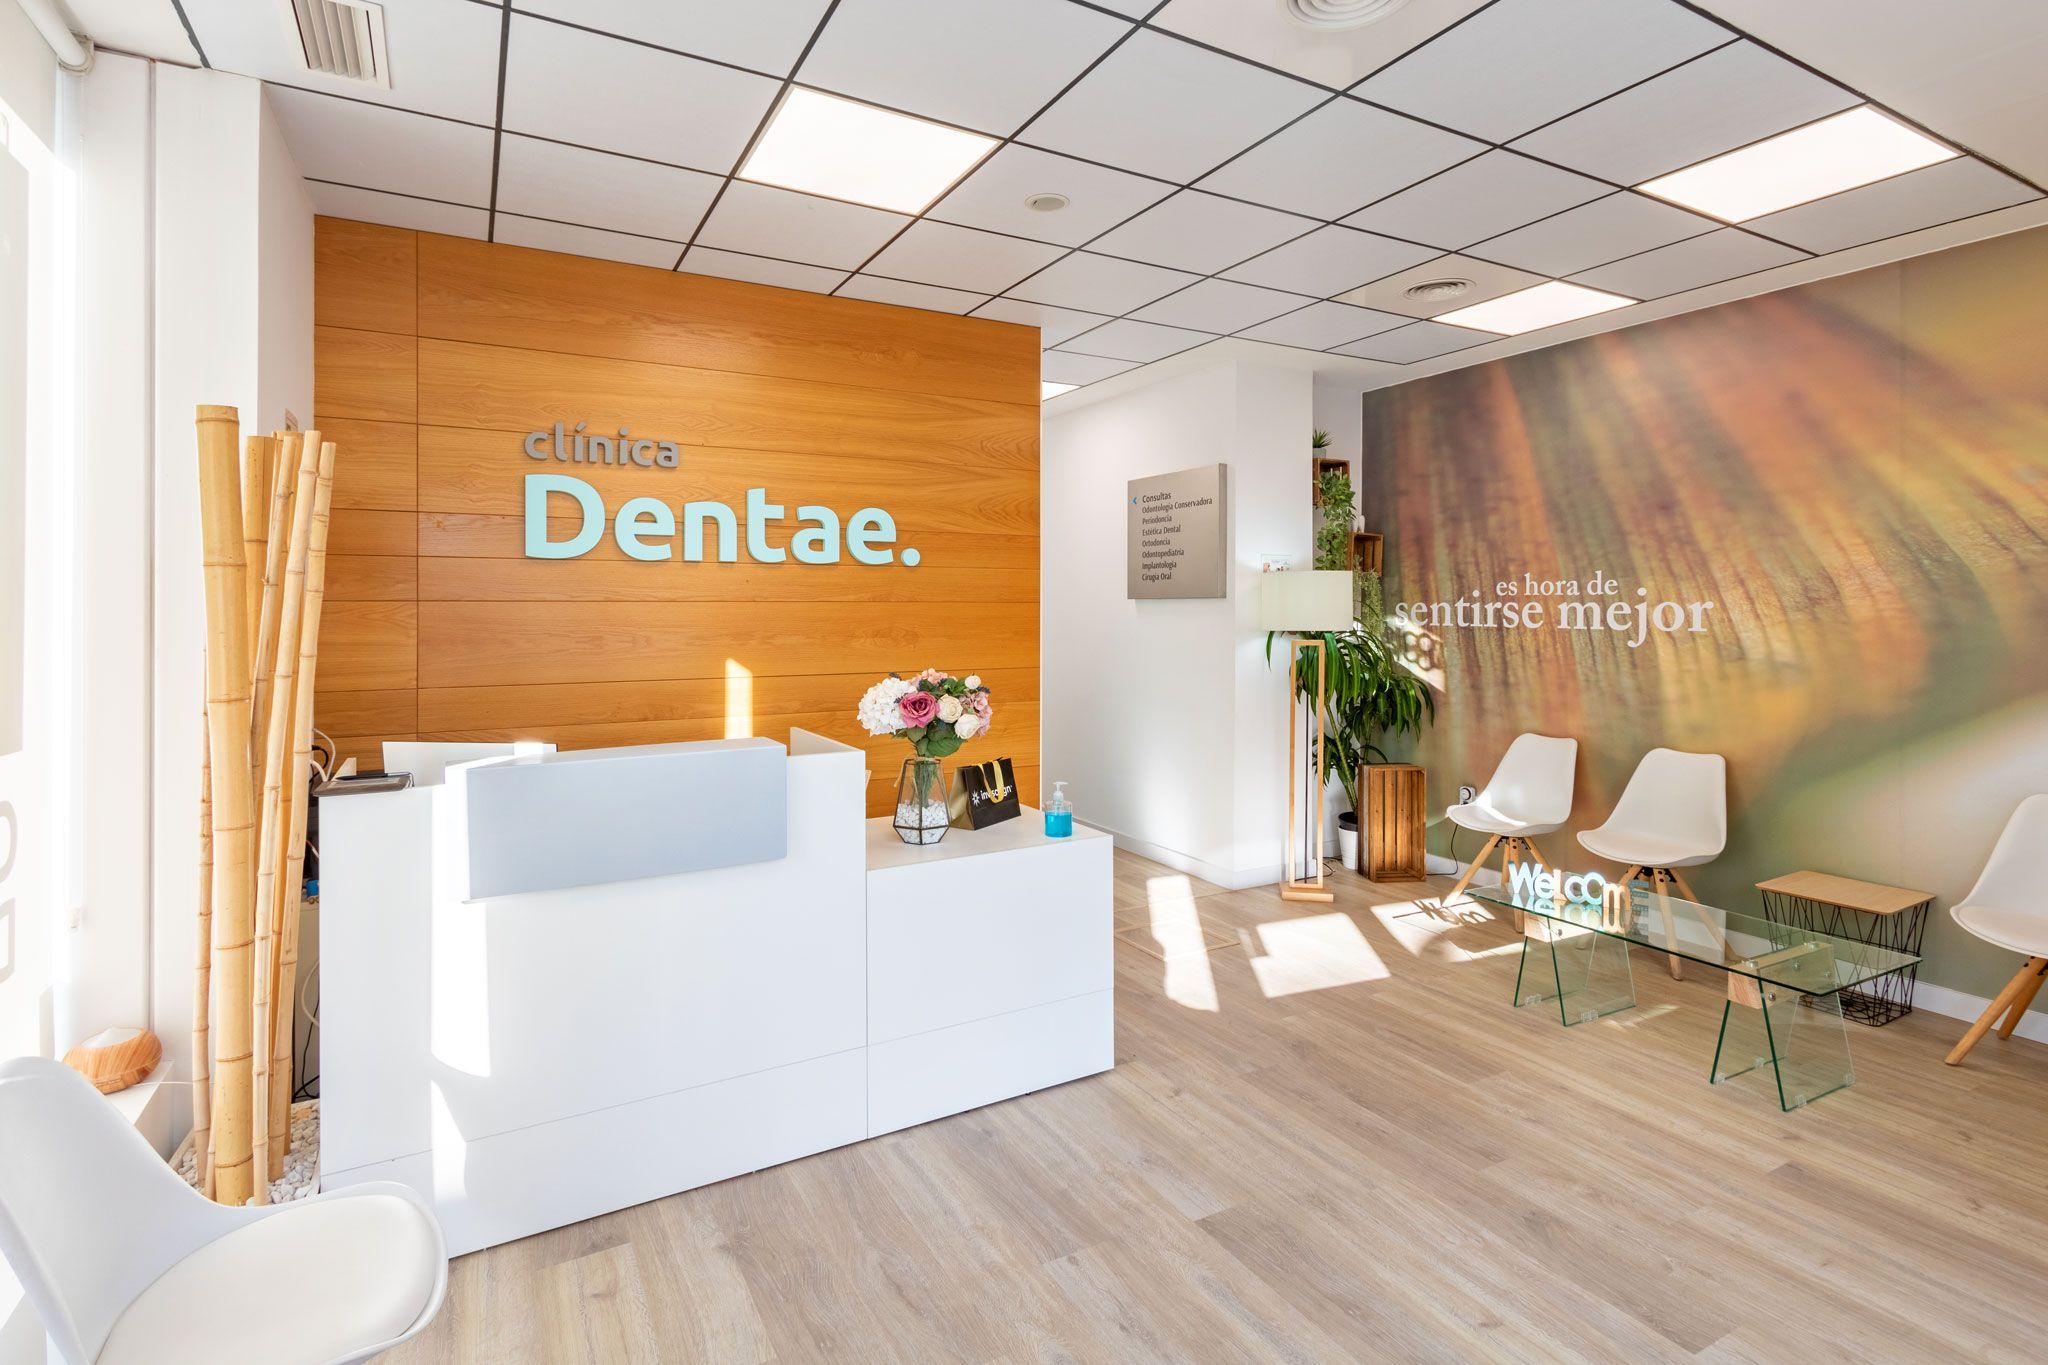 Dentae, la salud y la sonrisa de la familia